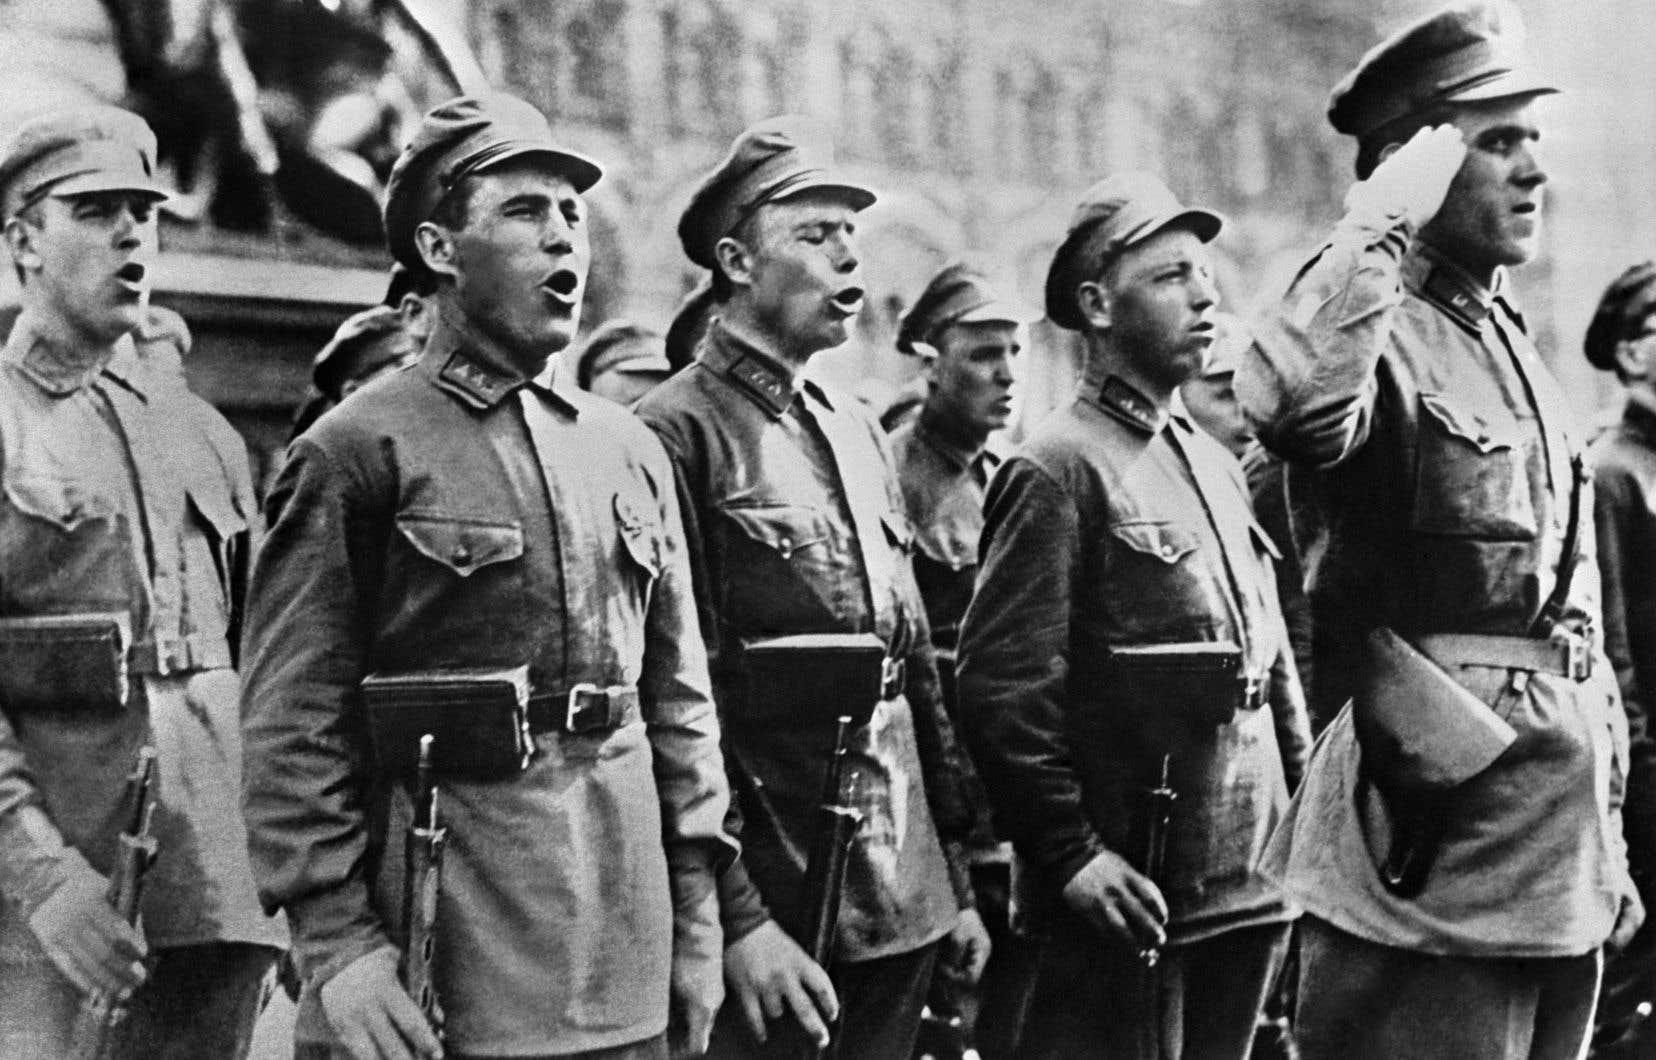 «Le 9août 1945, soit trois jours après la première bombe atomique et quelques heures avant la deuxième, l'URSS lançait 1,5million d'hommes et 5500 blindés à l'assaut de l'État du Mandchoukouo défendu par l'élite fanatisée de l'armée impériale japonaise qui comptait 700000 hommes sur papier», écrit l'auteur.